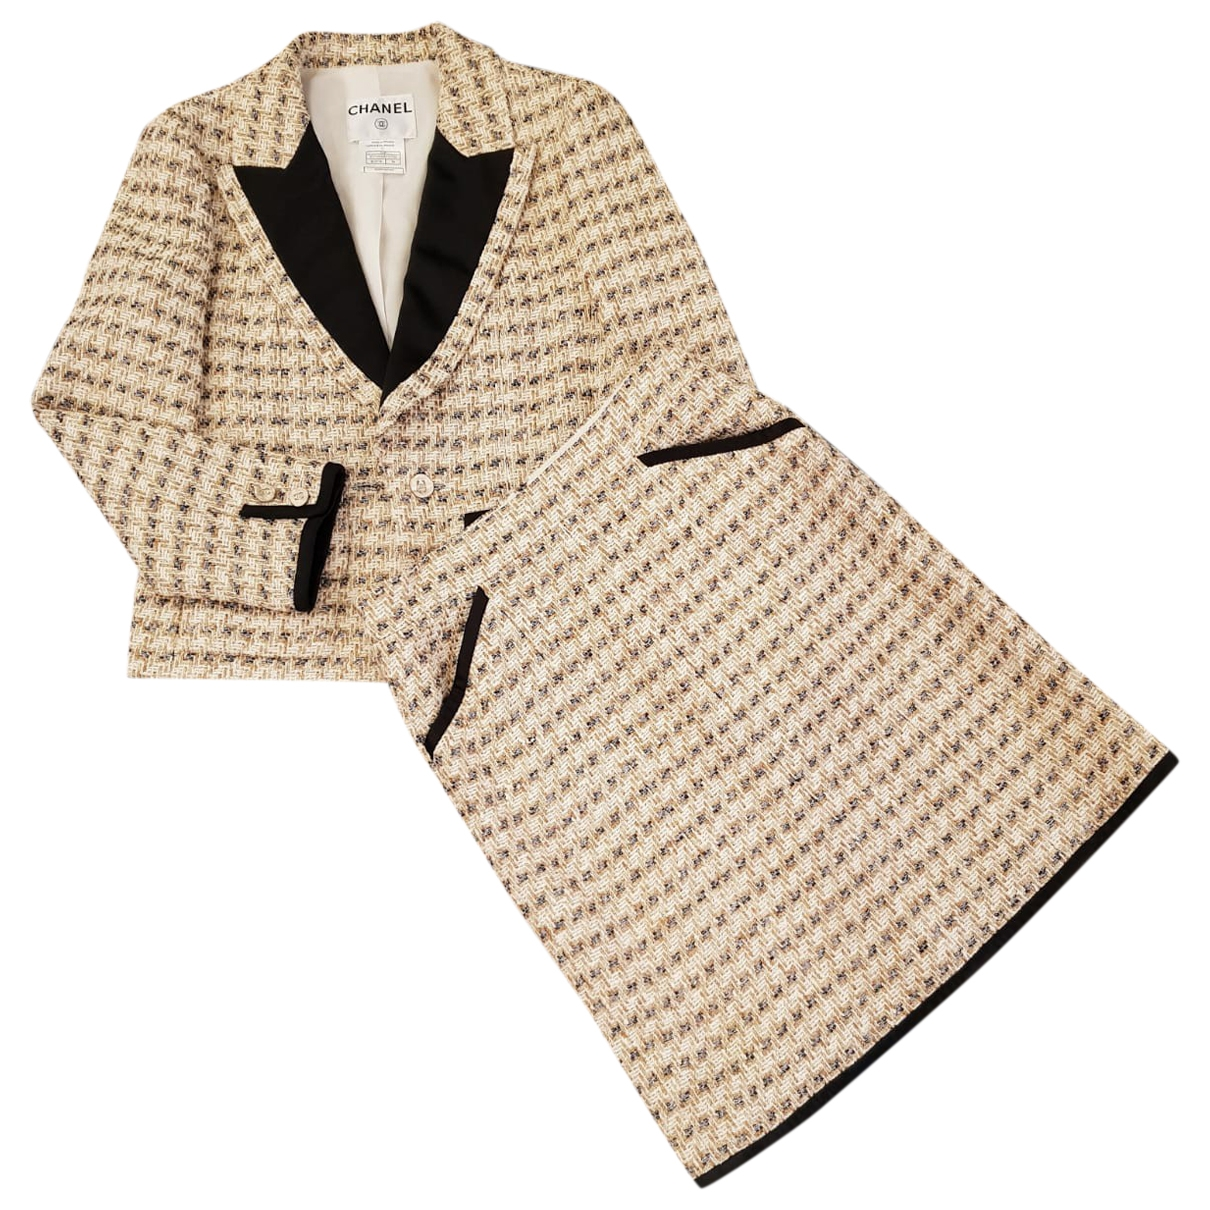 Chanel \N Jacke in  Beige Tweed